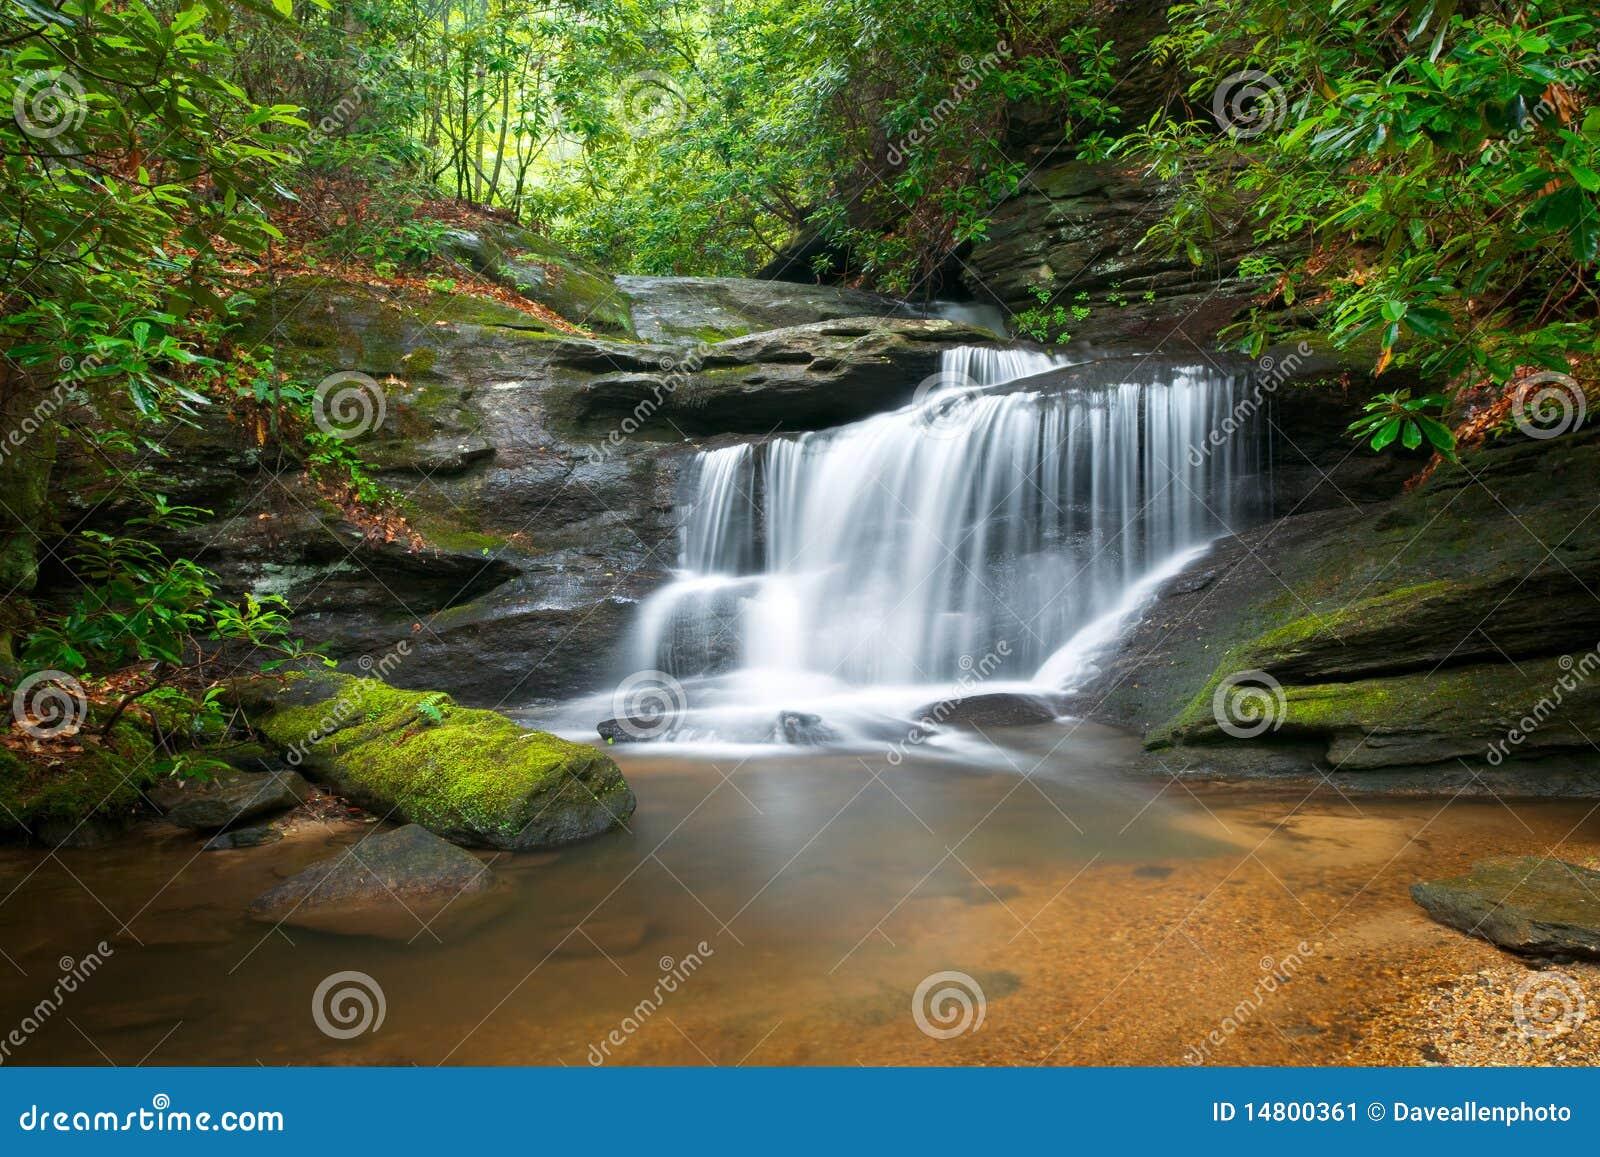 Wasserfall-Natur-Landschaft in blauem Ridge